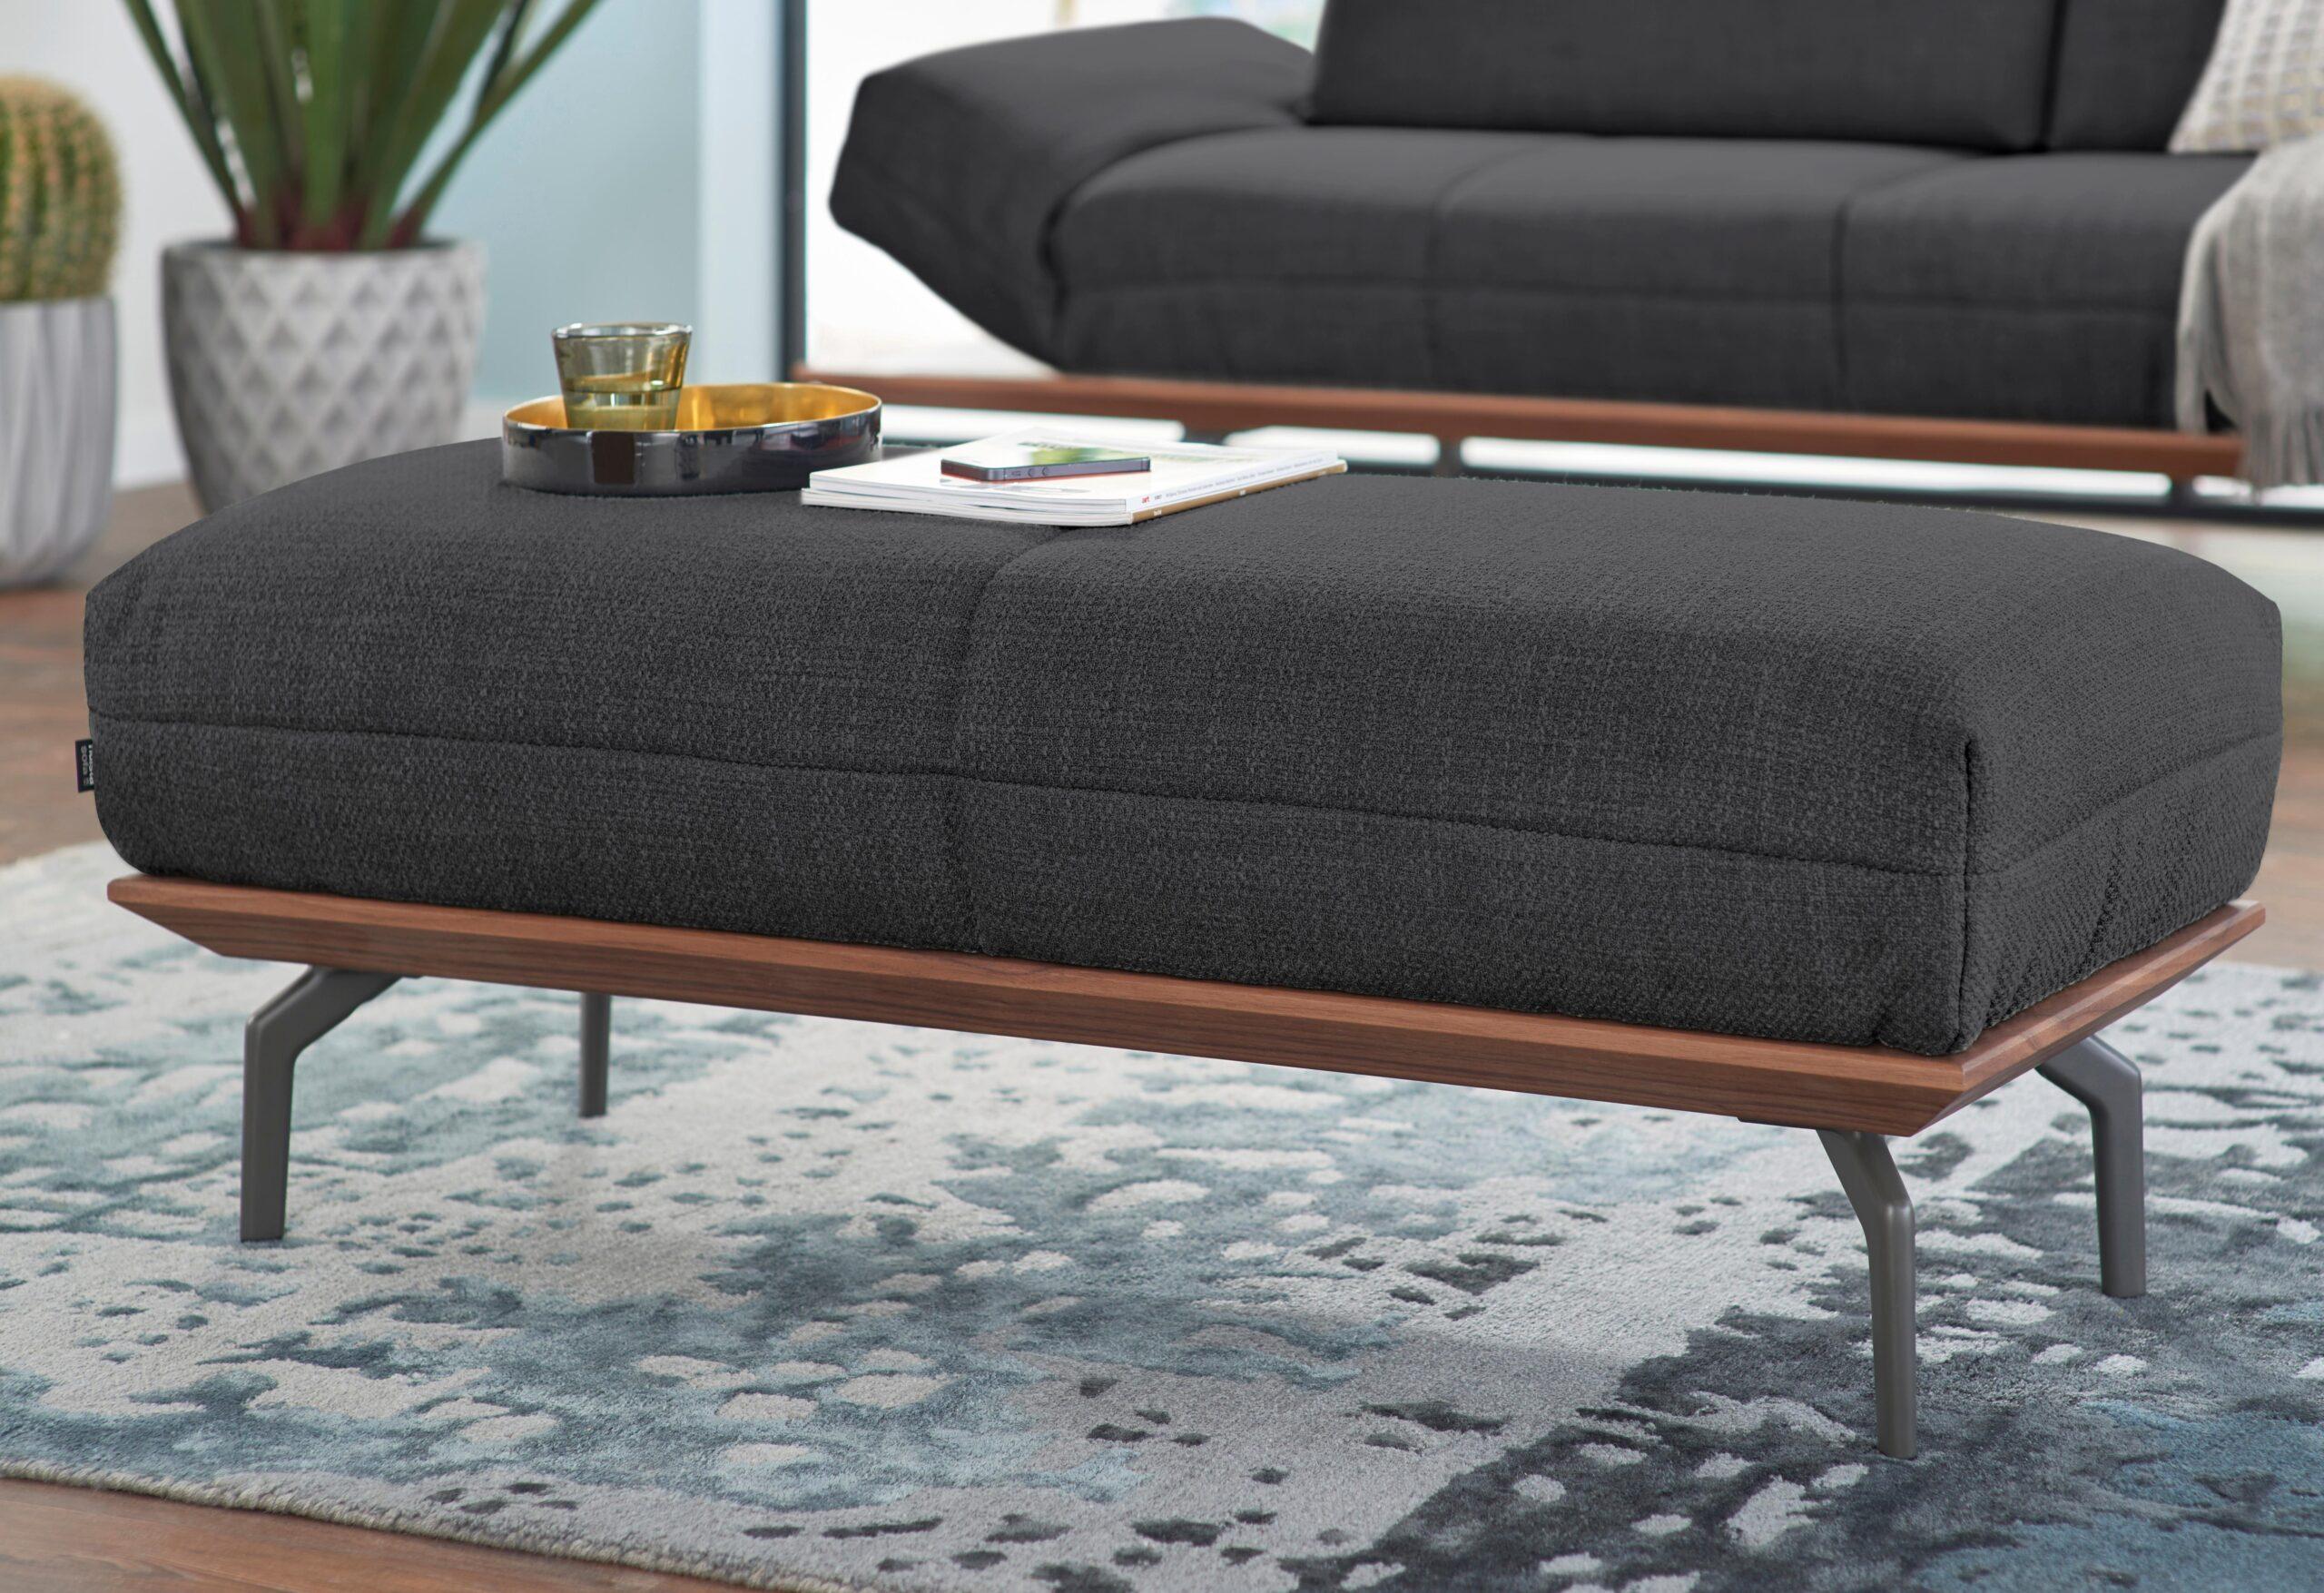 Full Size of Sofa Hocker Hlsta Hs420 Mit Holzrahmen In Eiche Natur Oder Polyrattan 2 Sitzer Schlaffunktion Englisch Bora Big Sam Hülsta Große Kissen Gelb Mondo Marken Sofa Sofa Hocker